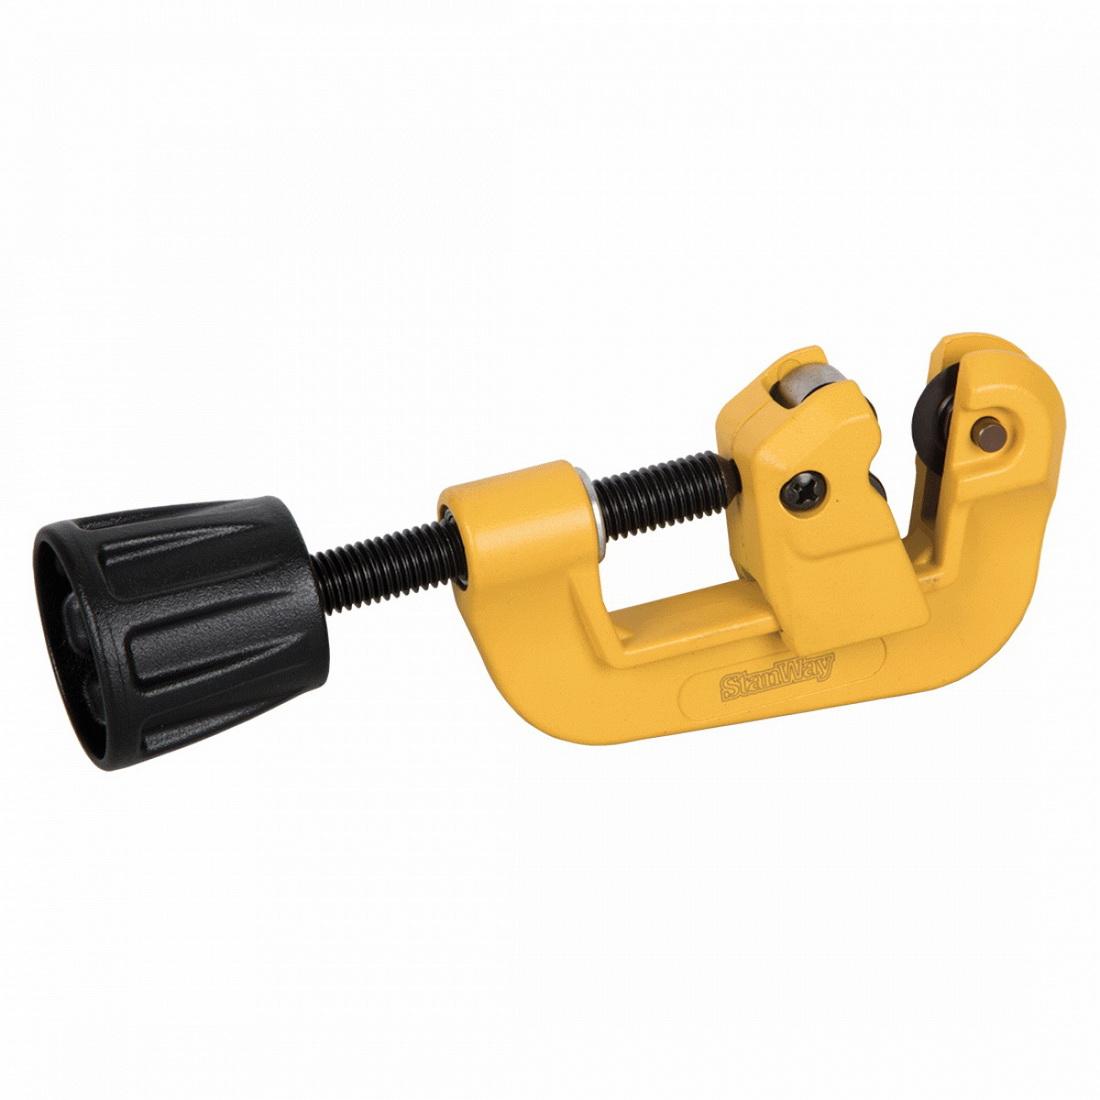 Mini Tube Cutter 3- 30mm For Copper Tube ZE7330-1